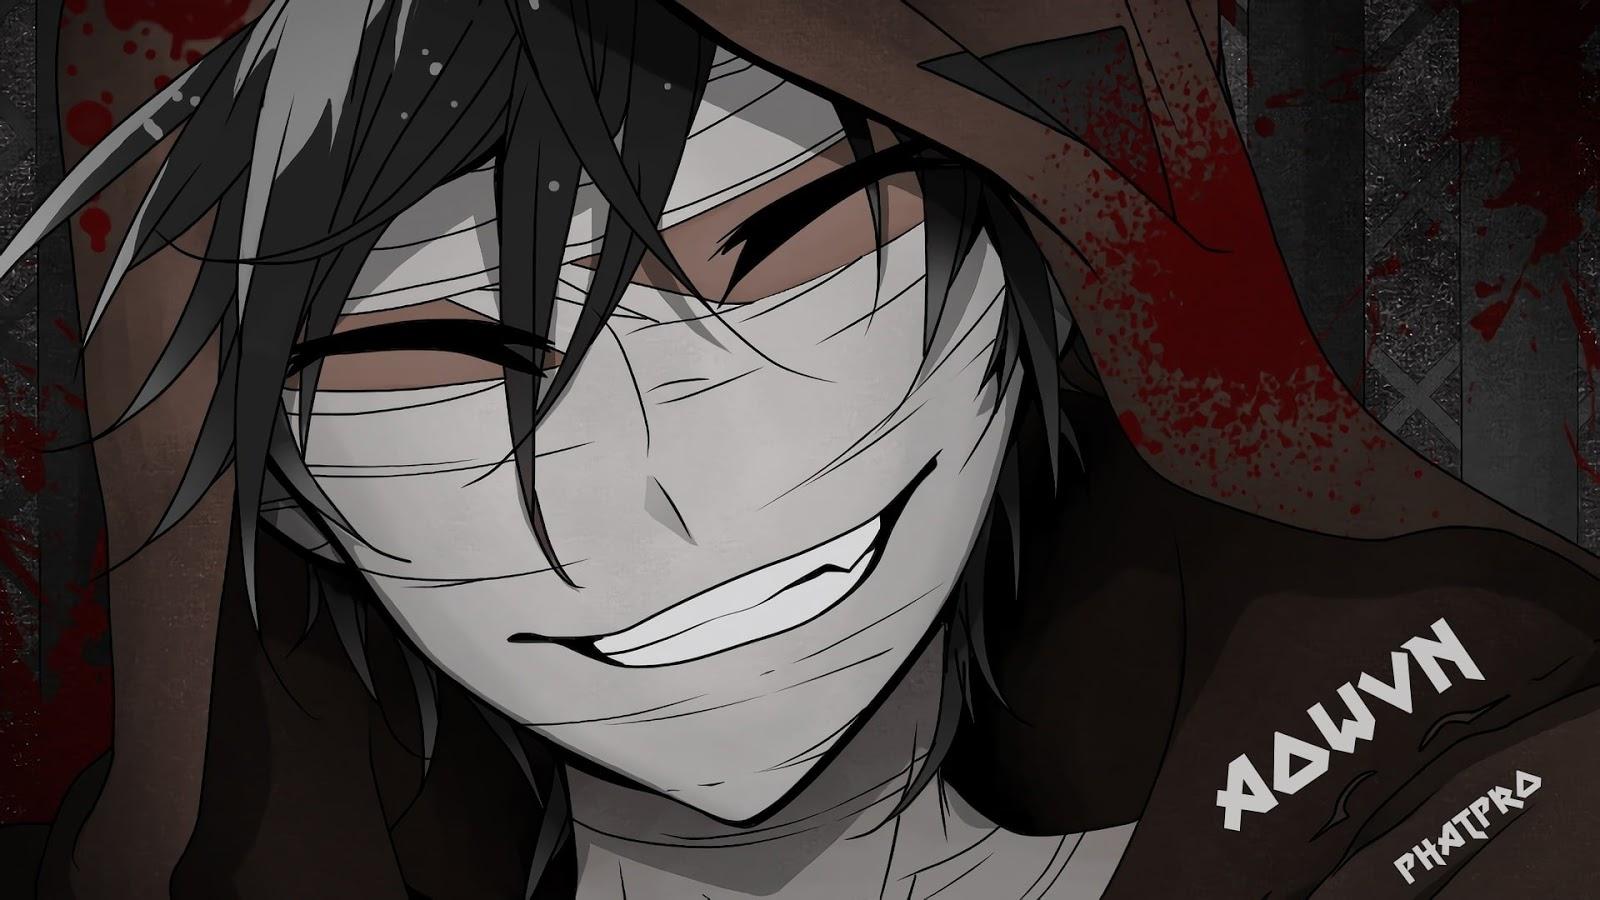 Satsuriku%2B %2BPhatpro%2B%2B%25281%2529 min - [ Anime 3gp Mp4 ] Satsuriku No Tenshi | Vietsub - Tuyệt Phẩm